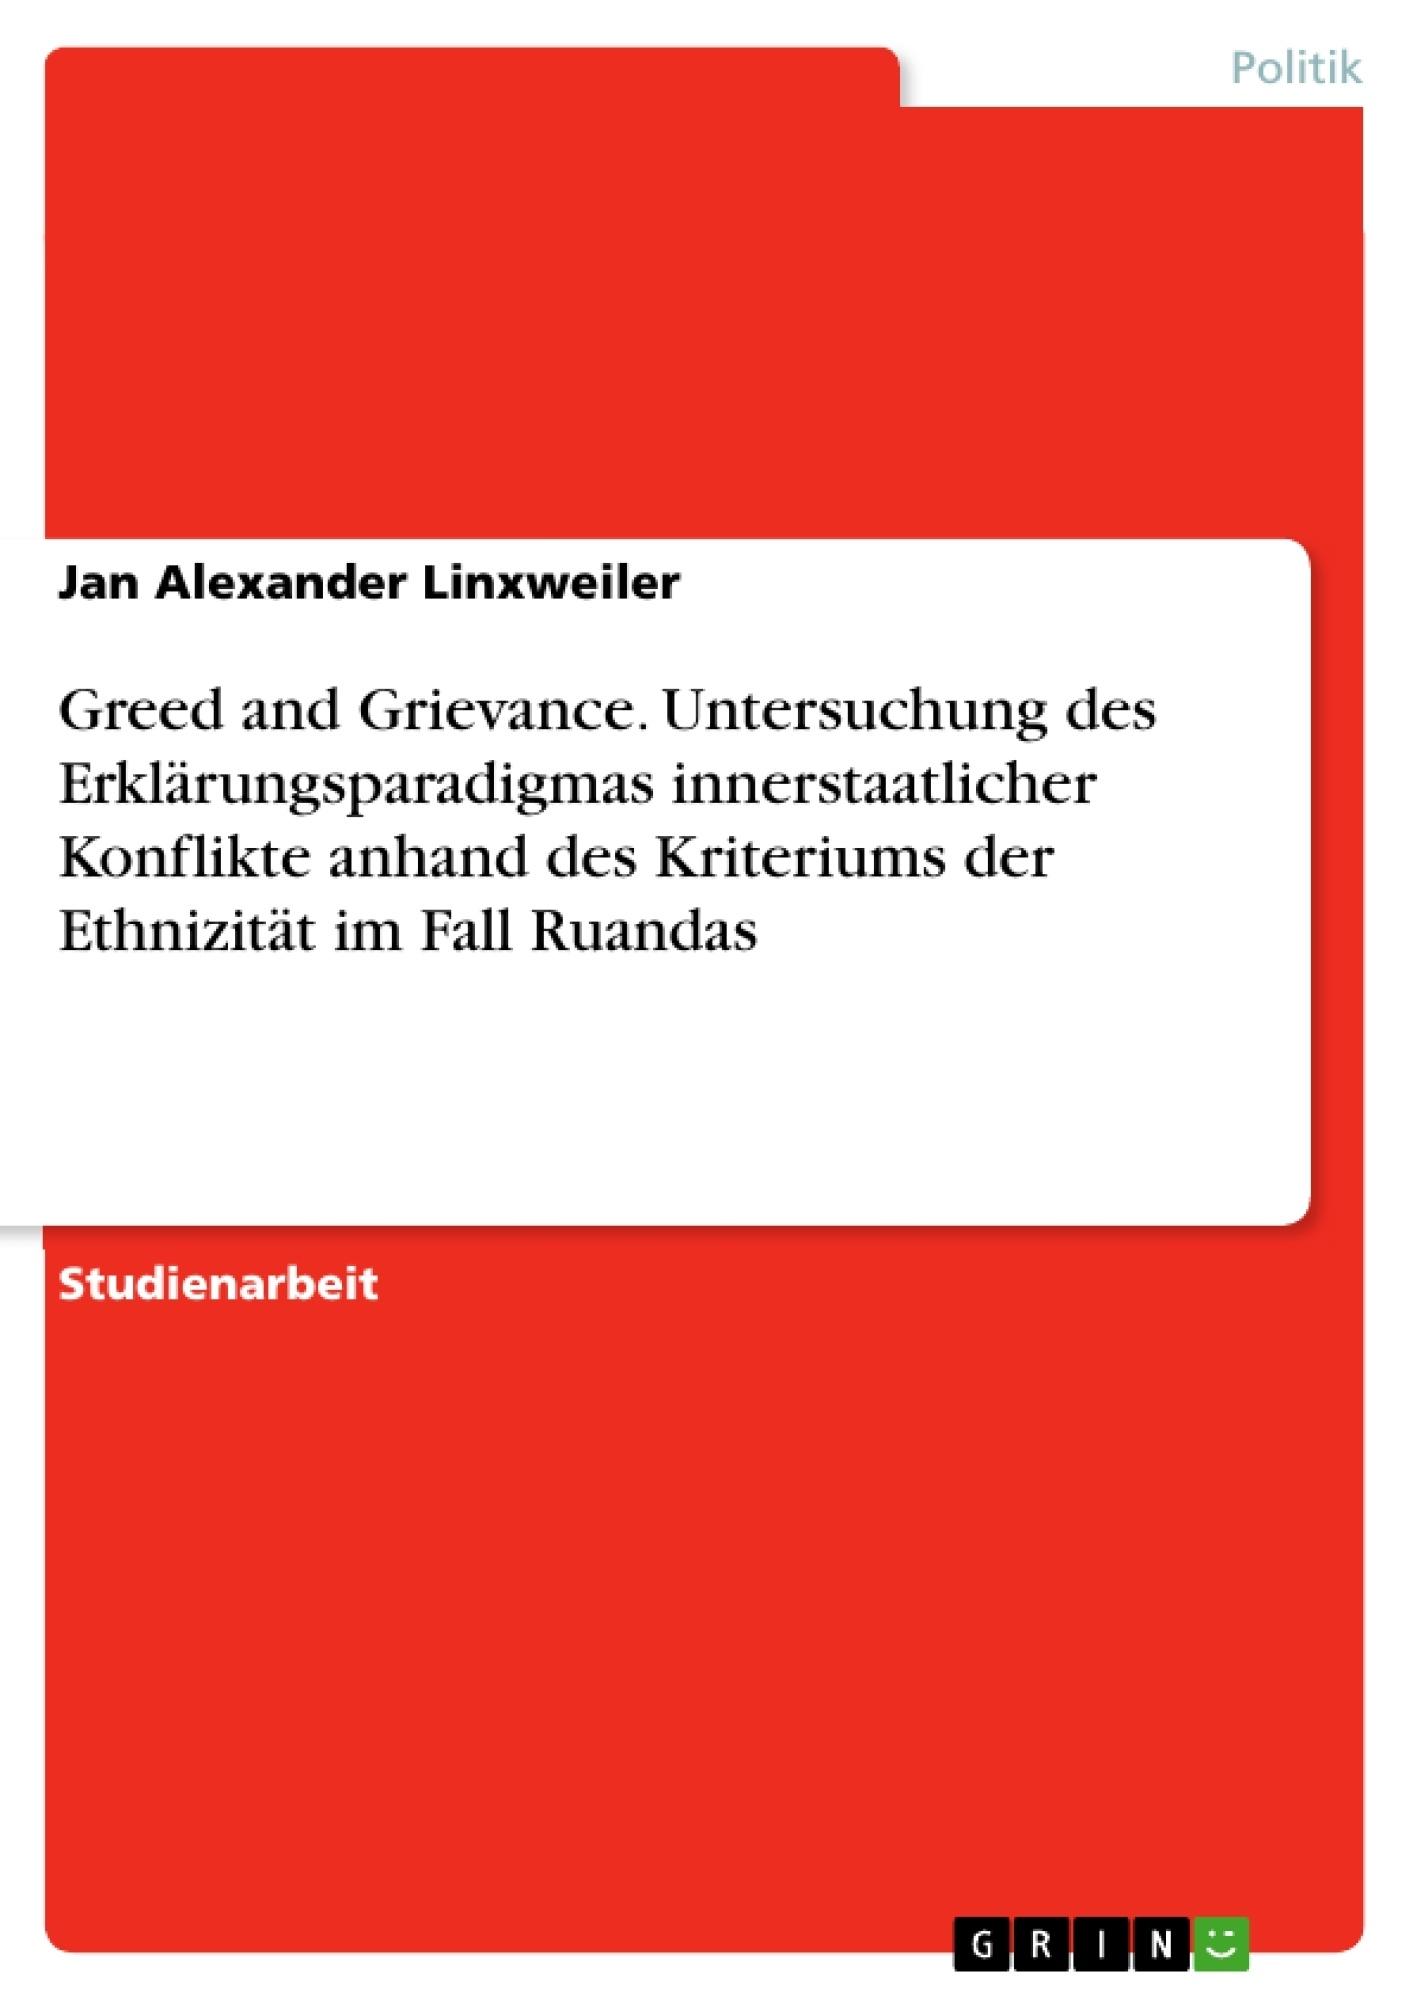 Titel: Greed and Grievance. Untersuchung des Erklärungsparadigmas innerstaatlicher Konflikte anhand des Kriteriums der Ethnizität im Fall Ruandas